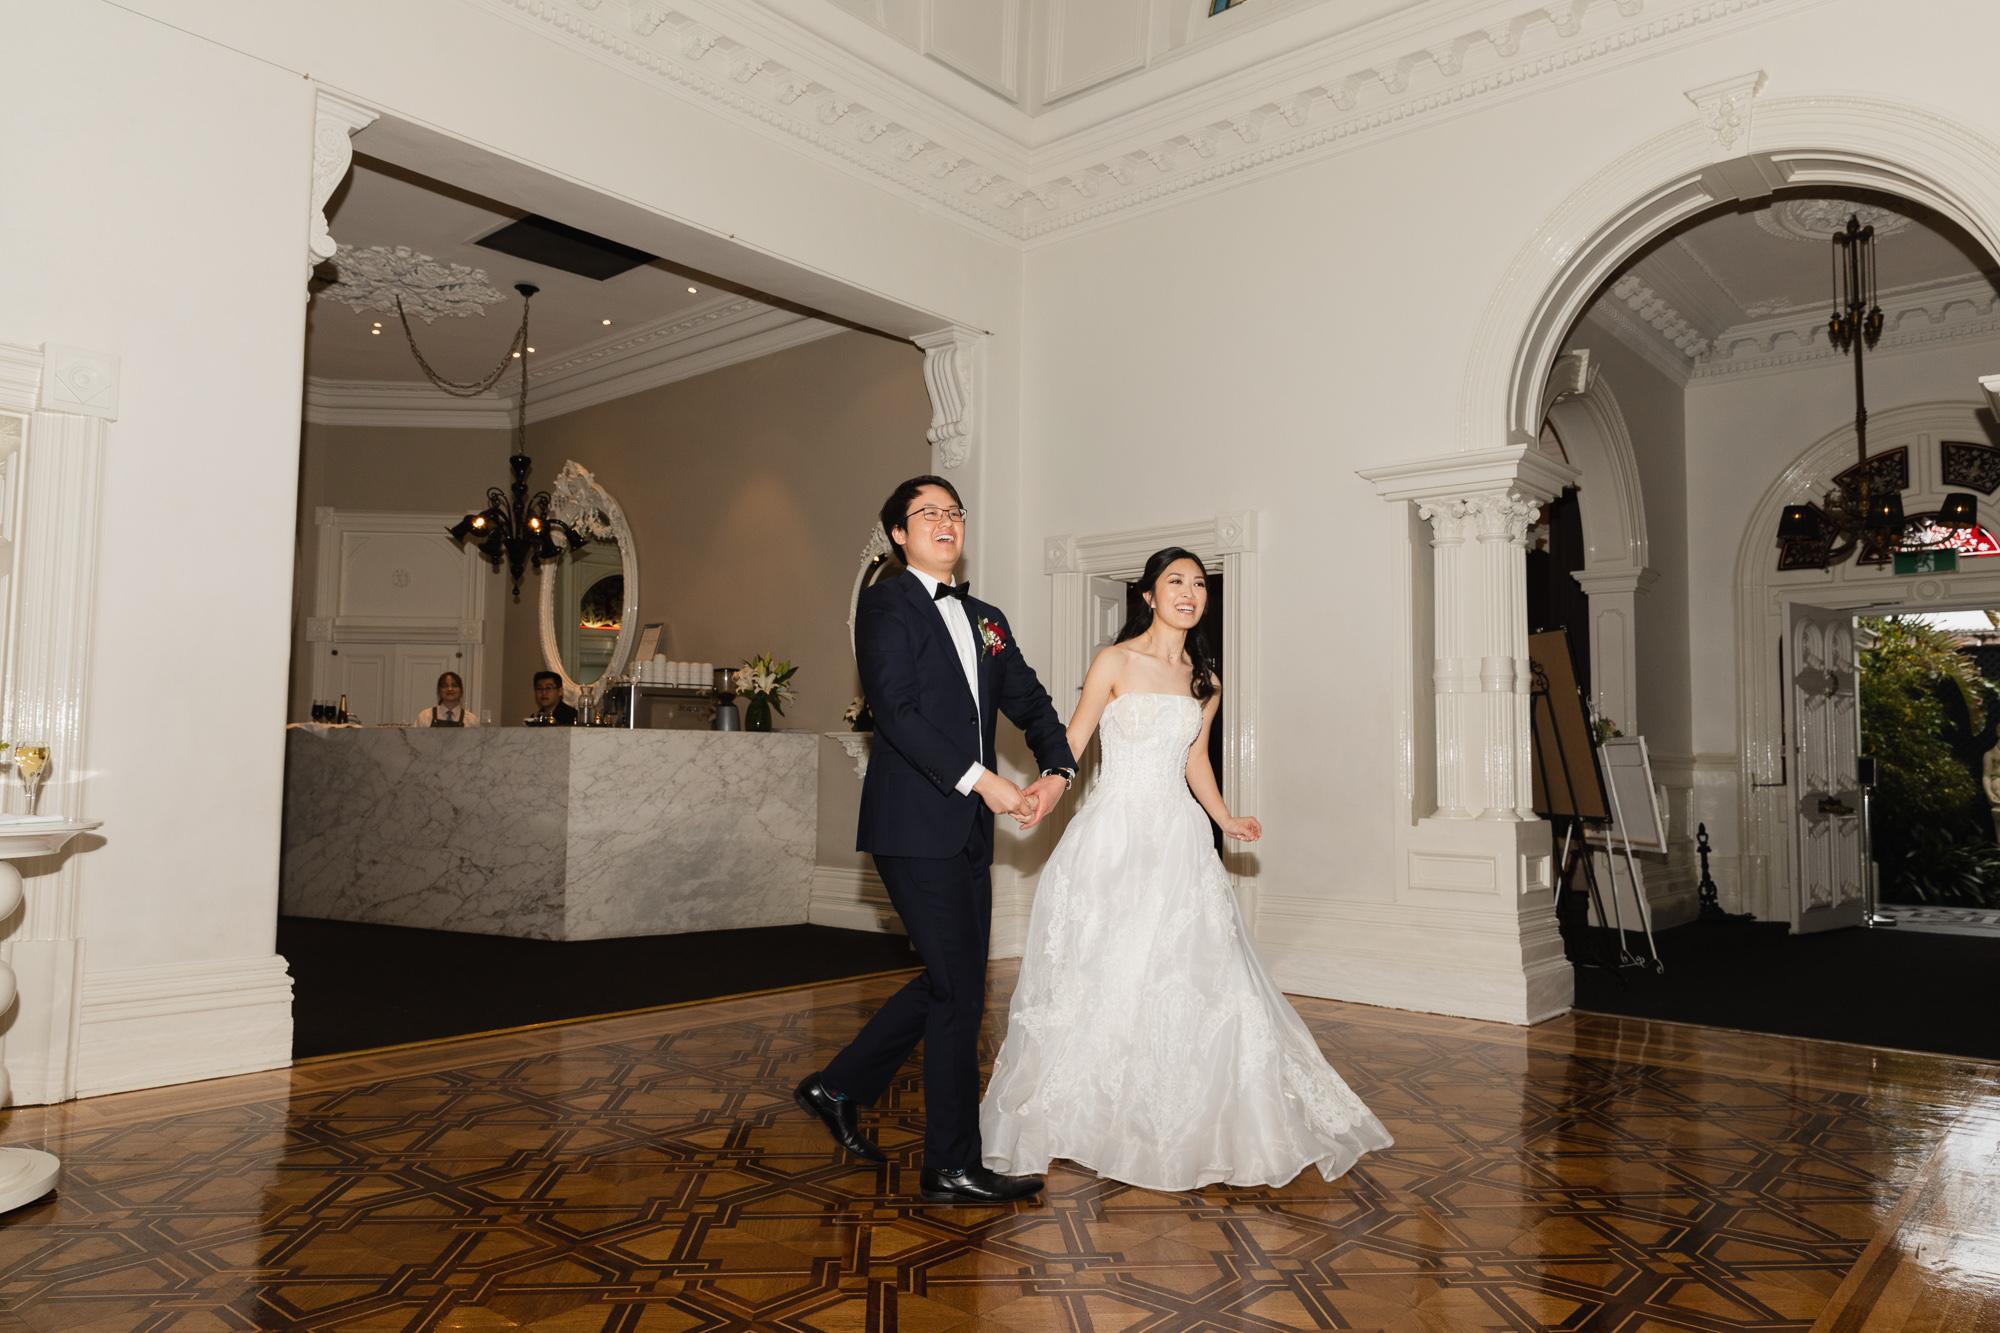 Folkstone-JW-Wedding-Web-291.JPG